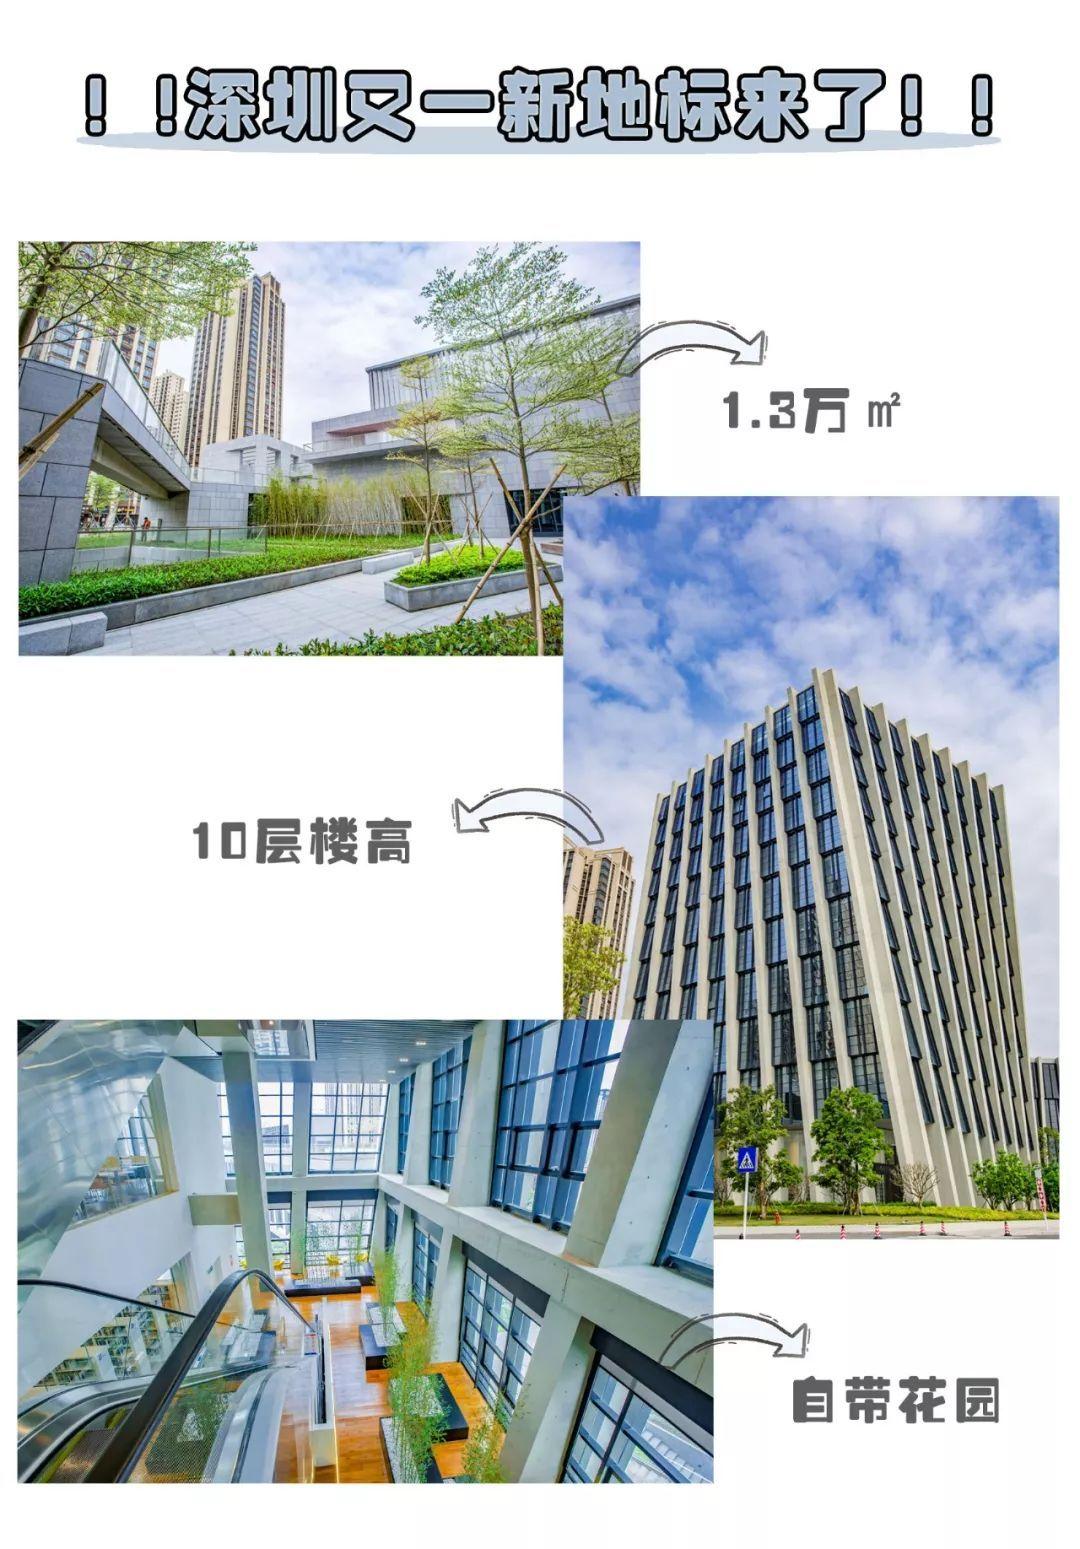 深圳这个新开的高颜值图书馆要火,10层楼高、自带花园......